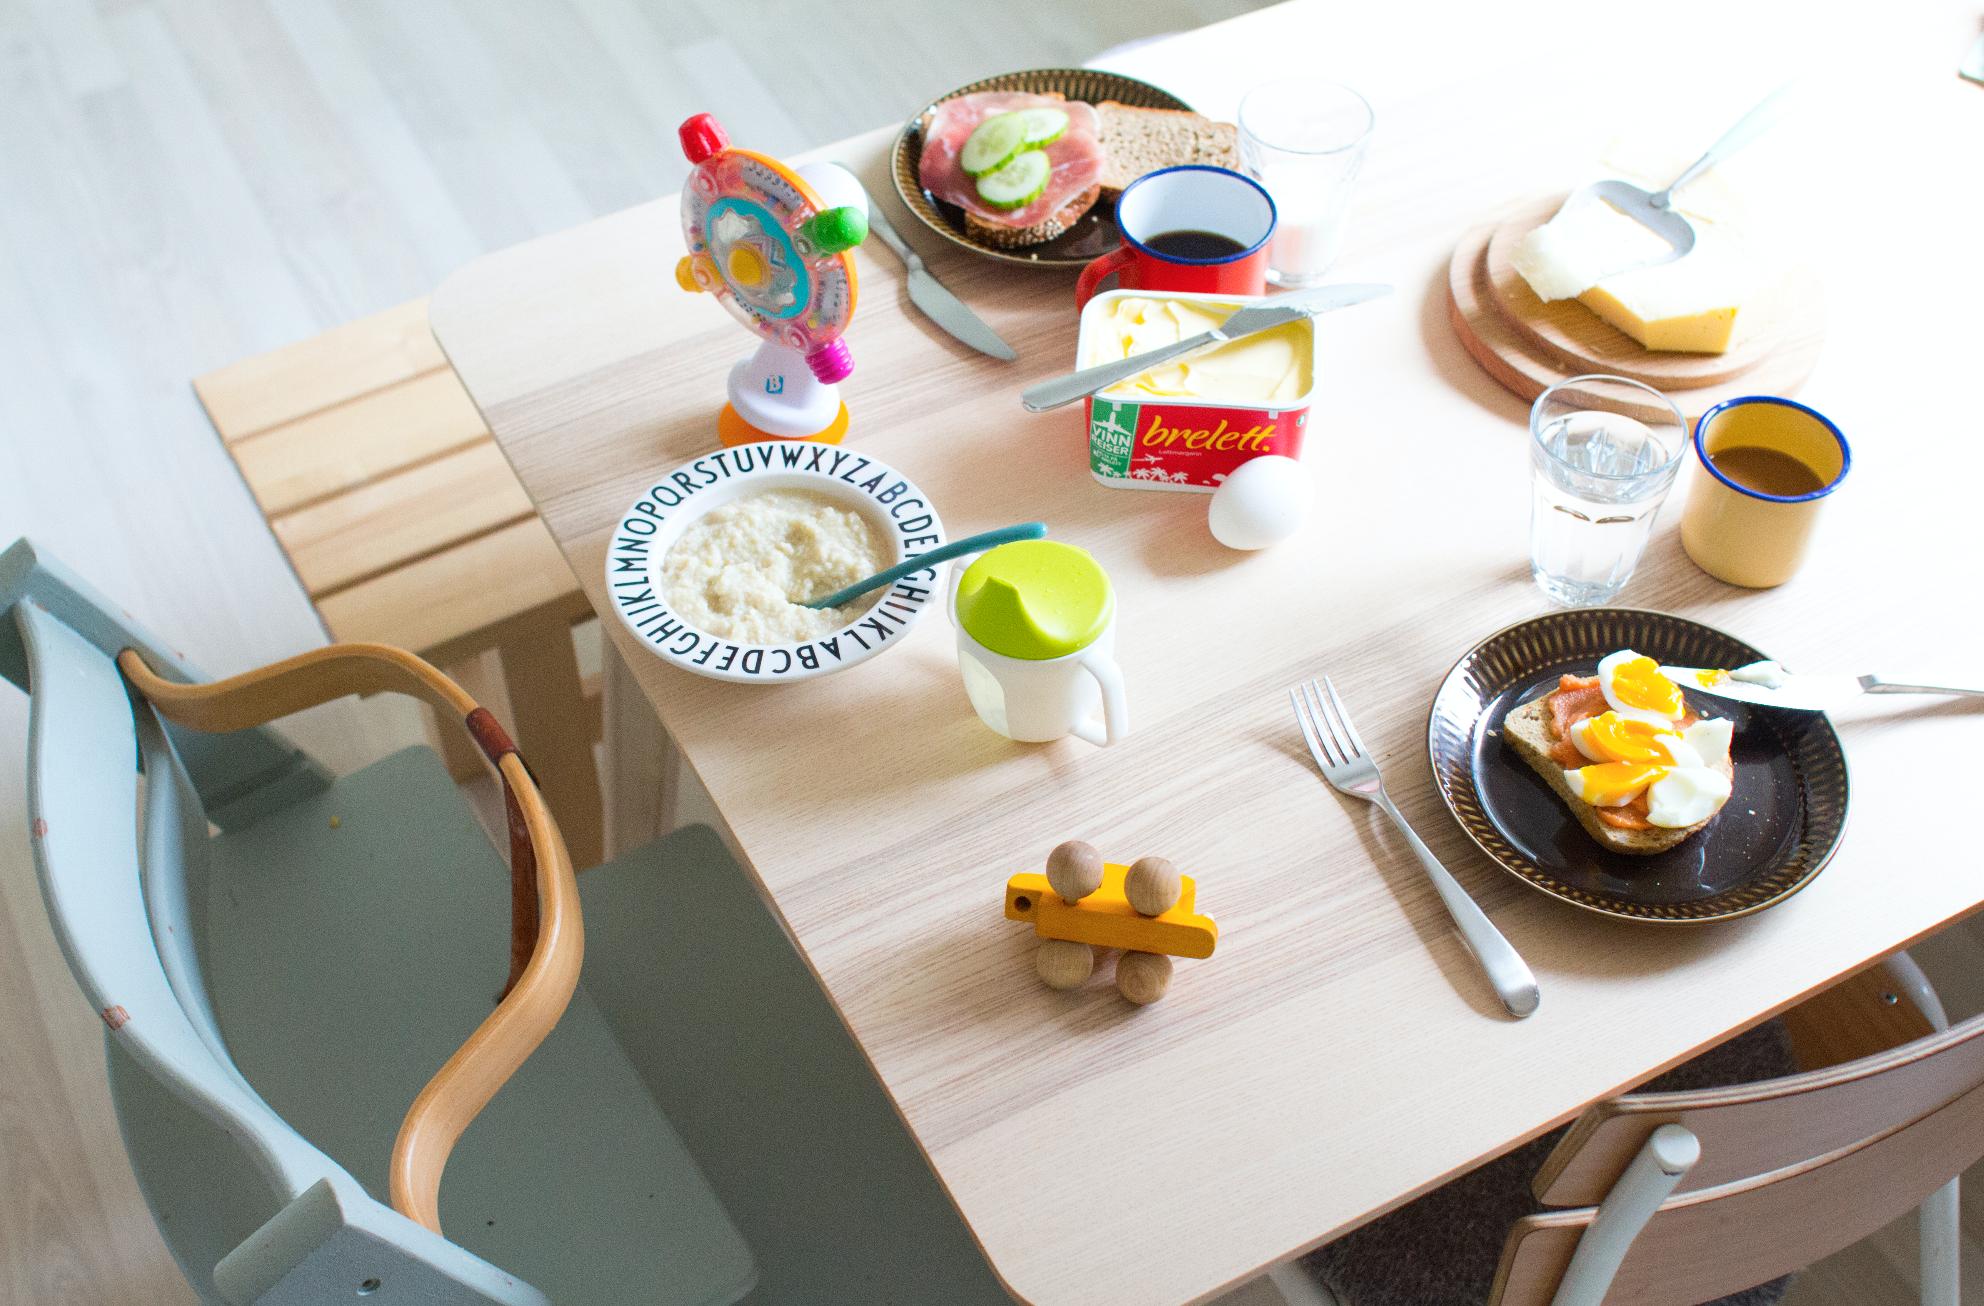 Matglede for meg er når hele familien er samlet rundt frokostbordet.